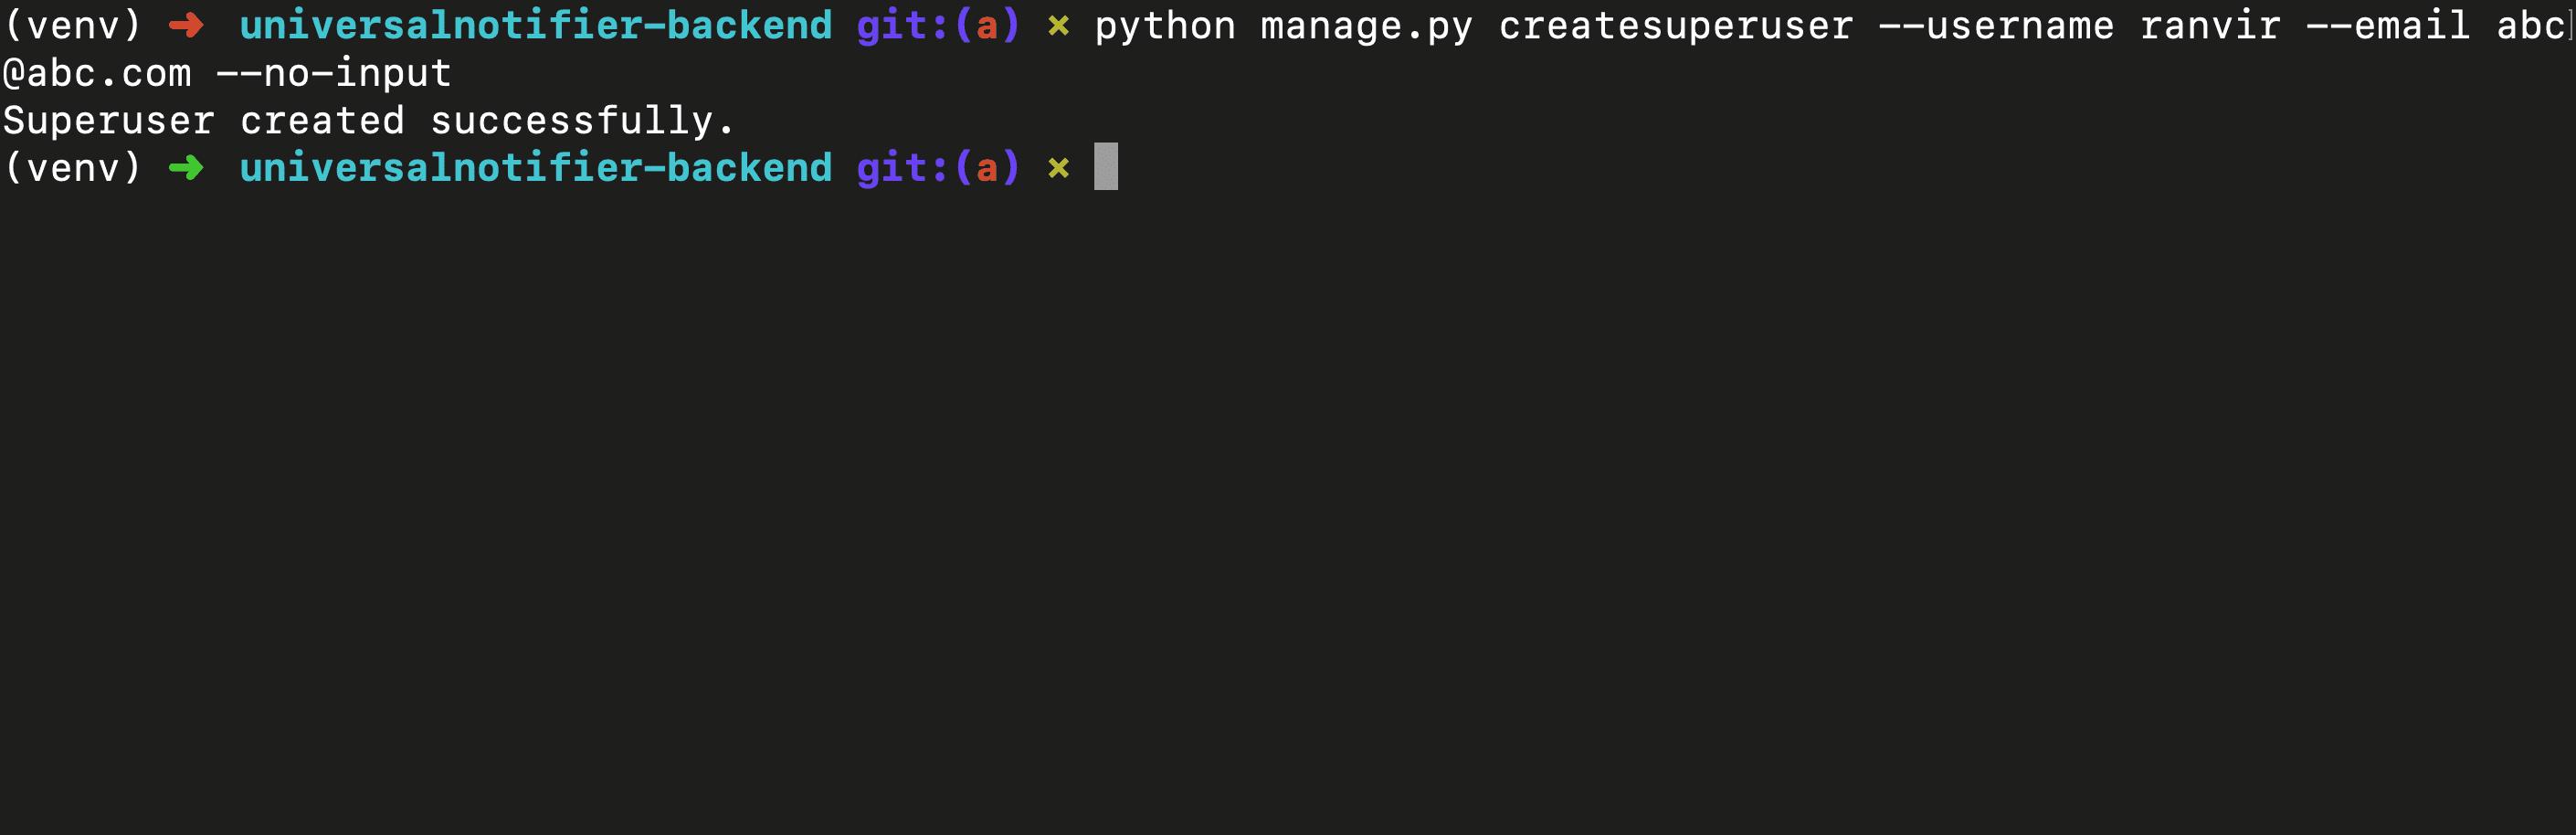 python manage.py createsuperuser no-input